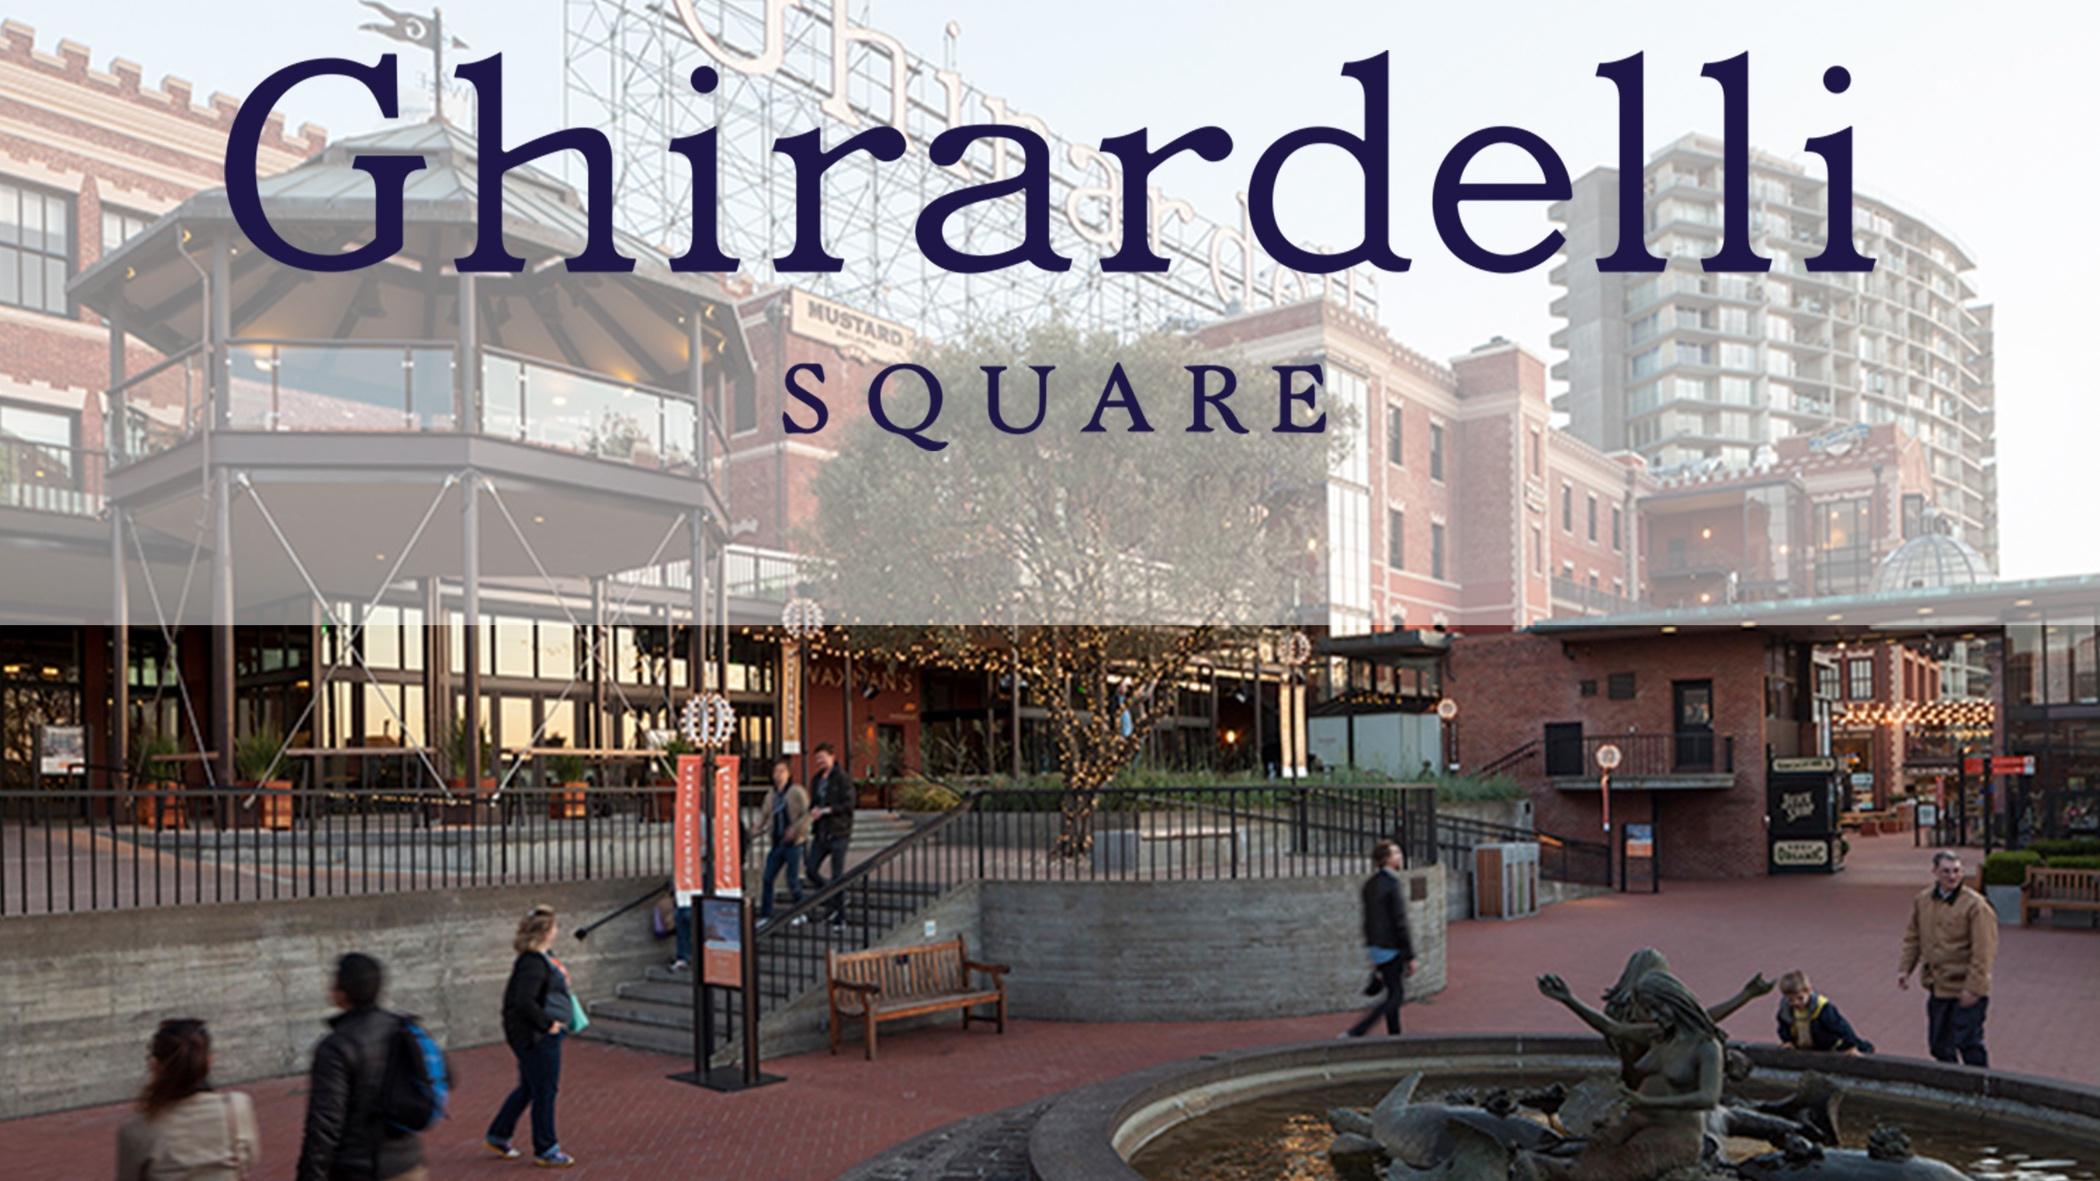 Ghirardelli Square  - San Francisco California - Updates for ADA compliance